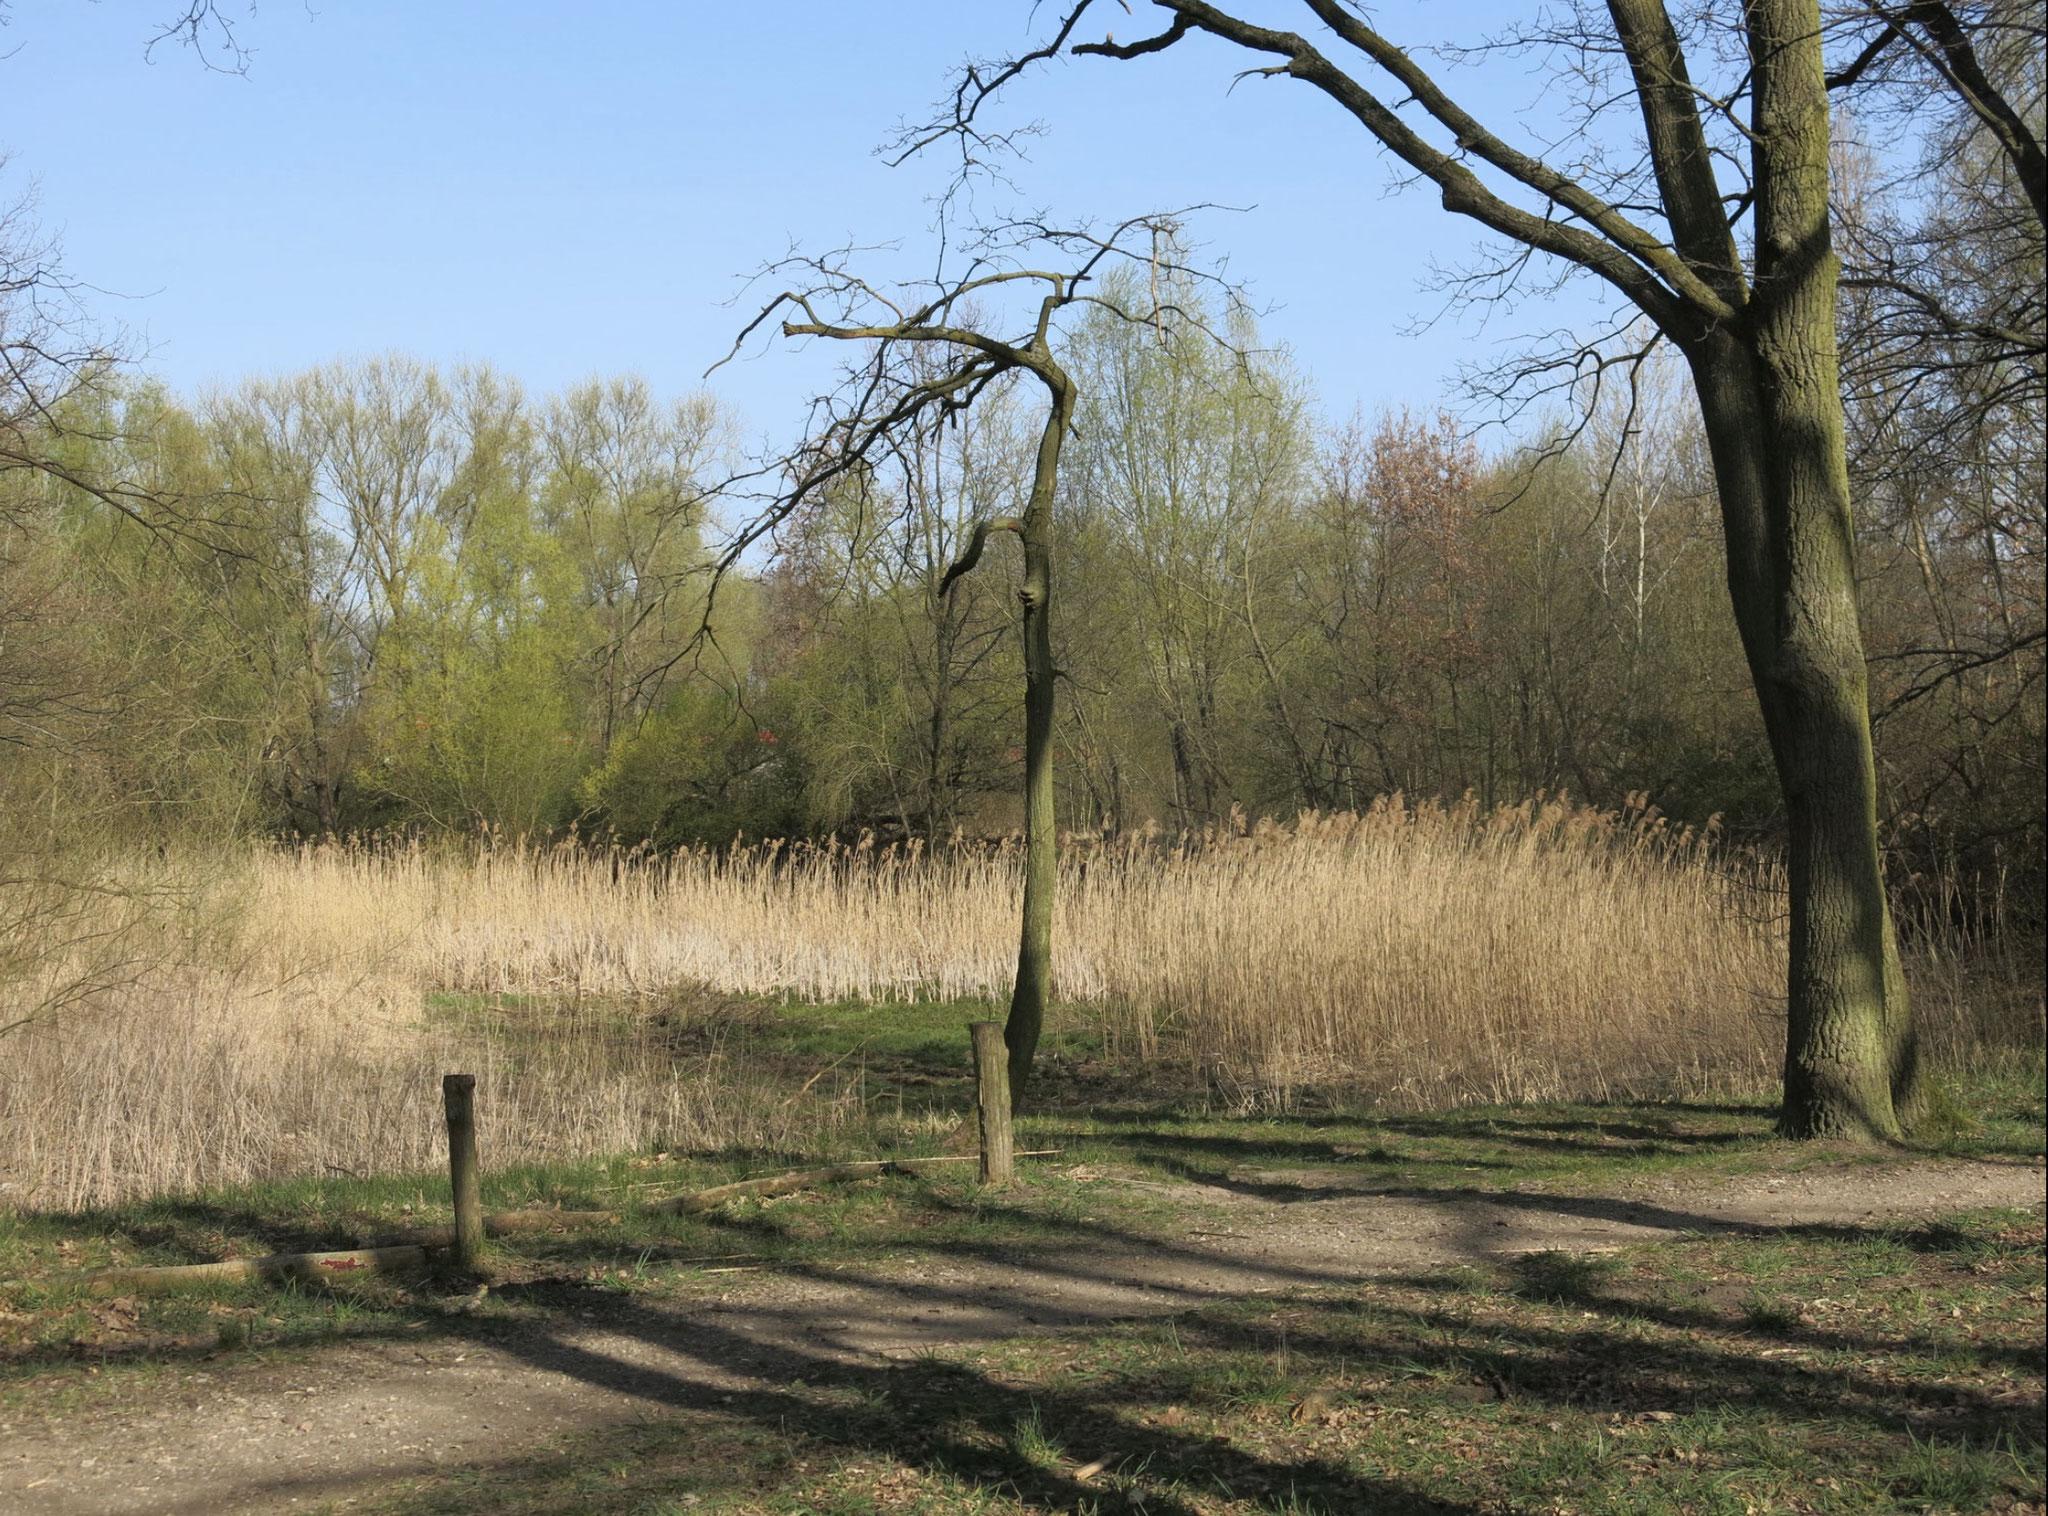 Sa, 05.06., 14.00 Uhr: Kleingewässertour mit den Grünen durch Marzahn-Hellersdorf. Startpunkt: U-Bhf. Hönow